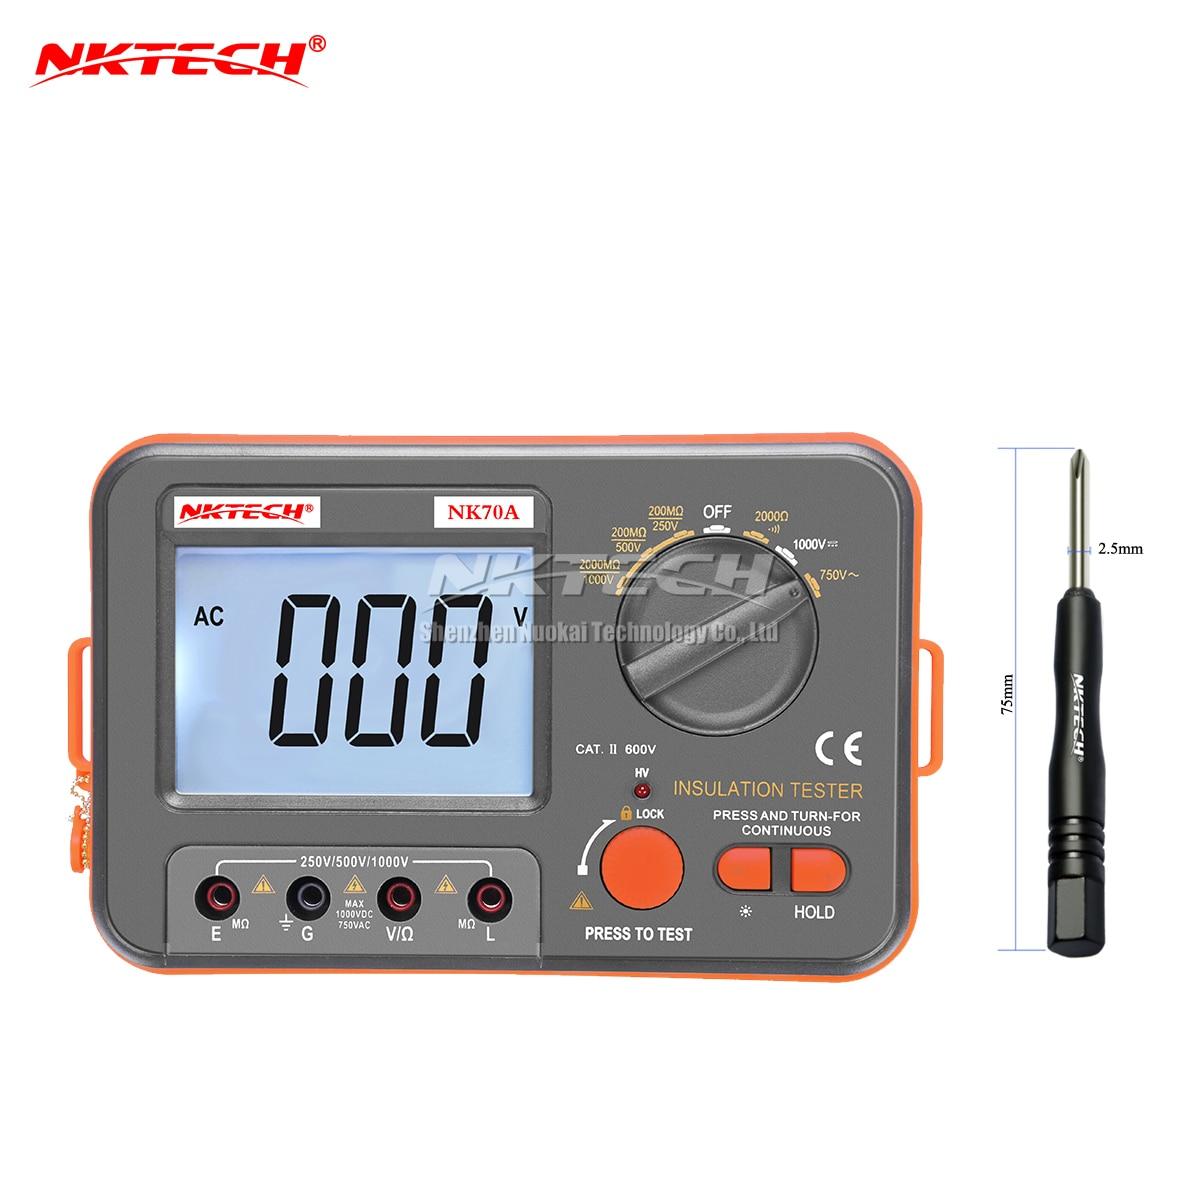 NKTECH Digital Megohmmeter Tester MegOhm Meter NK70A LCD Insulation DC AC Voltage Resistance 250V/500V/1000VDC 750VAC Multimeter nc dc dc dc adjustable voltage regulator module integrated voltage meter 8a voltage stabilized power supply